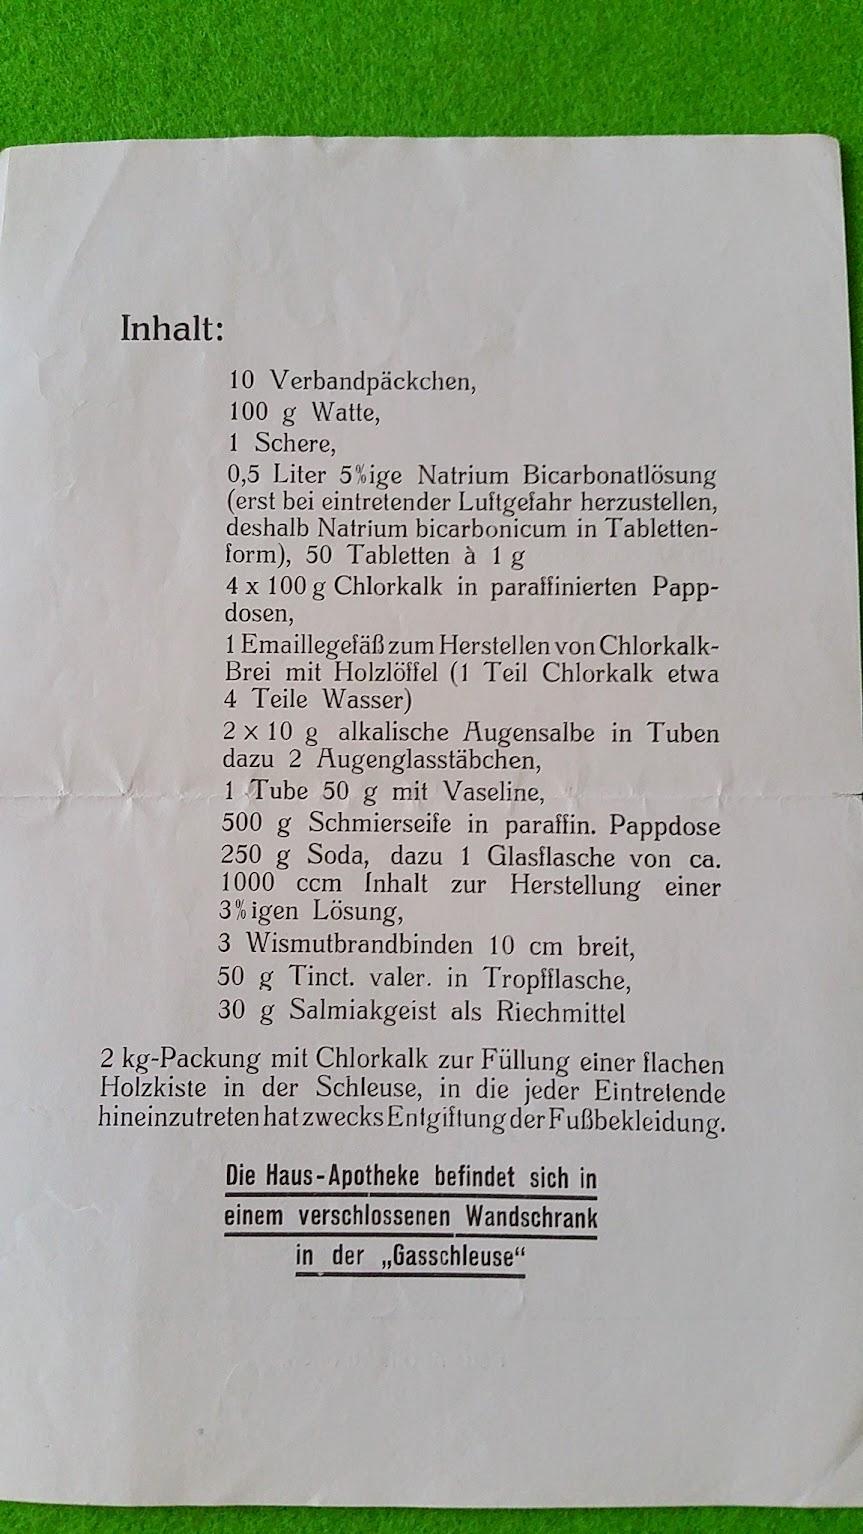 Merkblatt - Haus-Apotheke für Schutzräume - 1930er